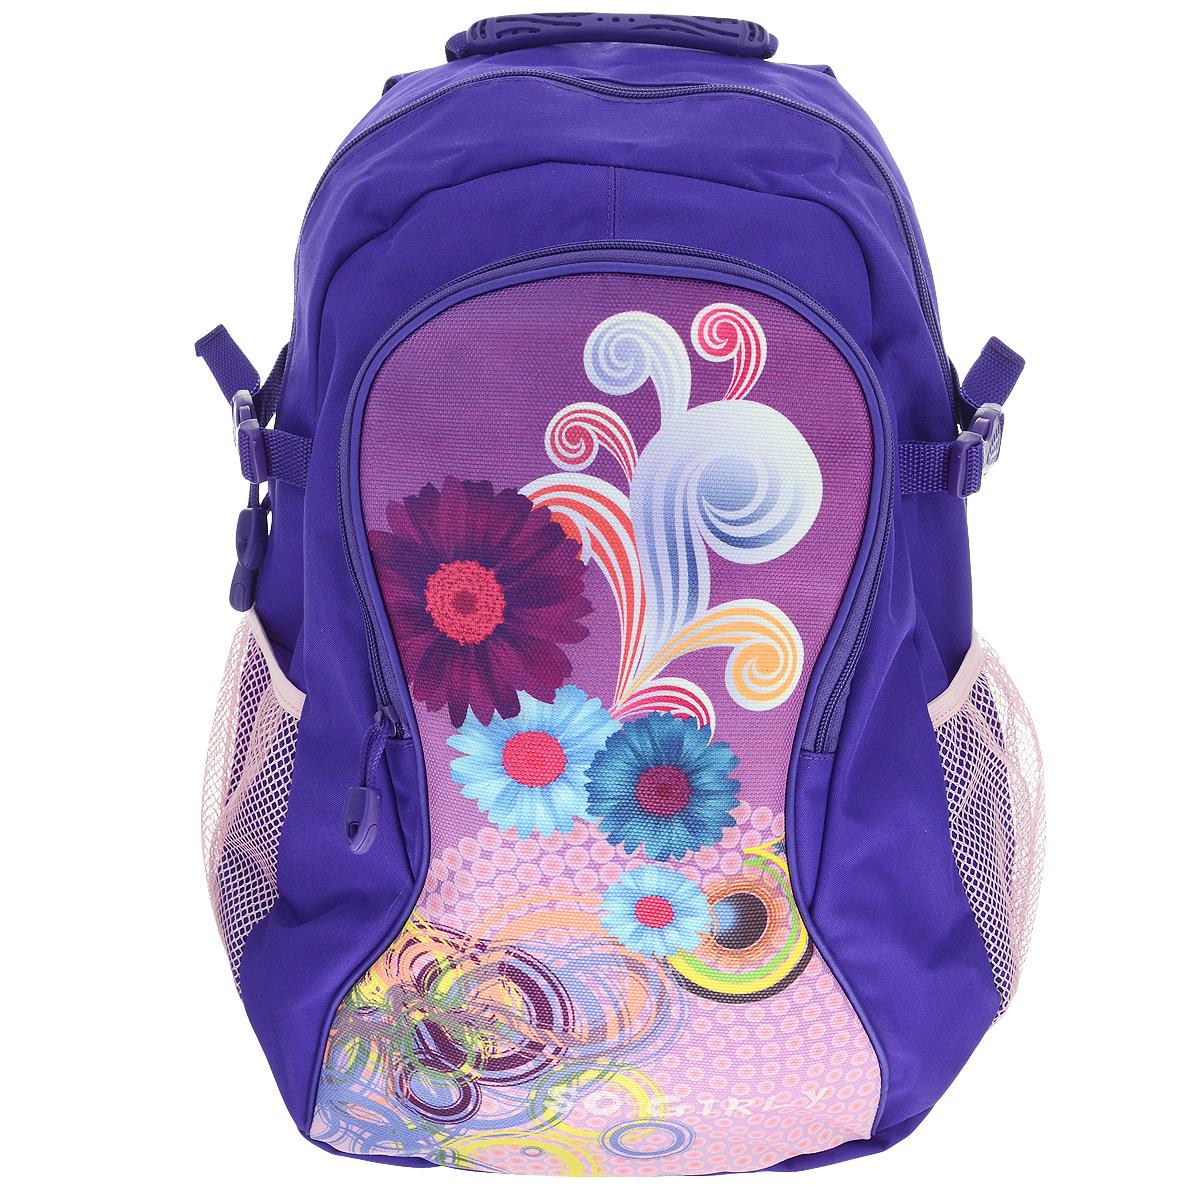 Tiger Family Рюкзак детский Atiu цвет фиолетовый tiger enterprise рюкзак детский atiu цвет зеленый